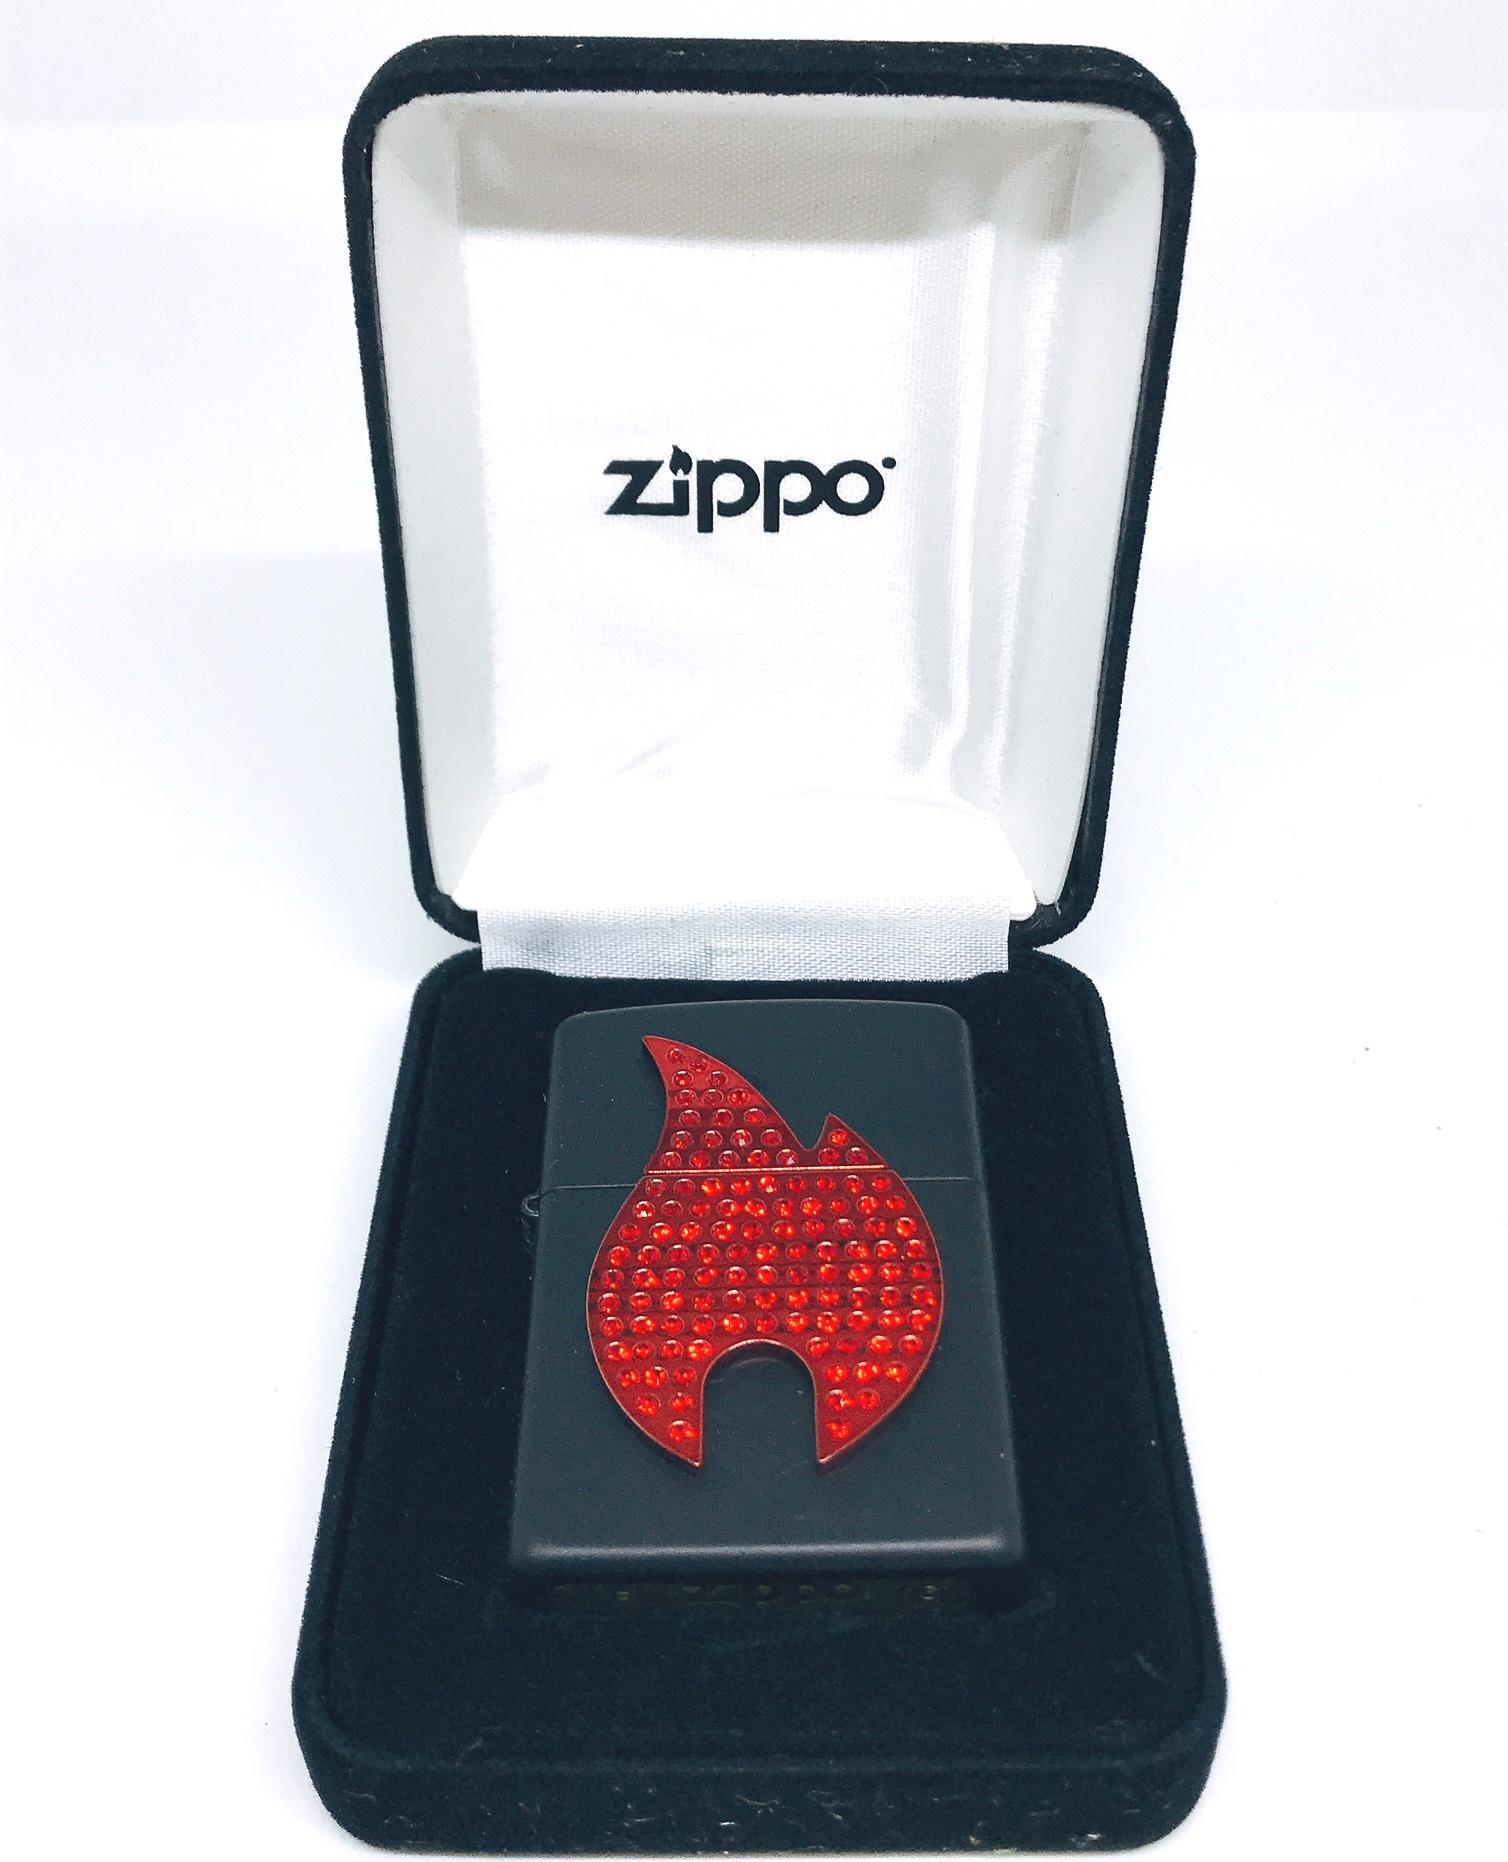 Hop quet zippo noi ngon lua den Z612